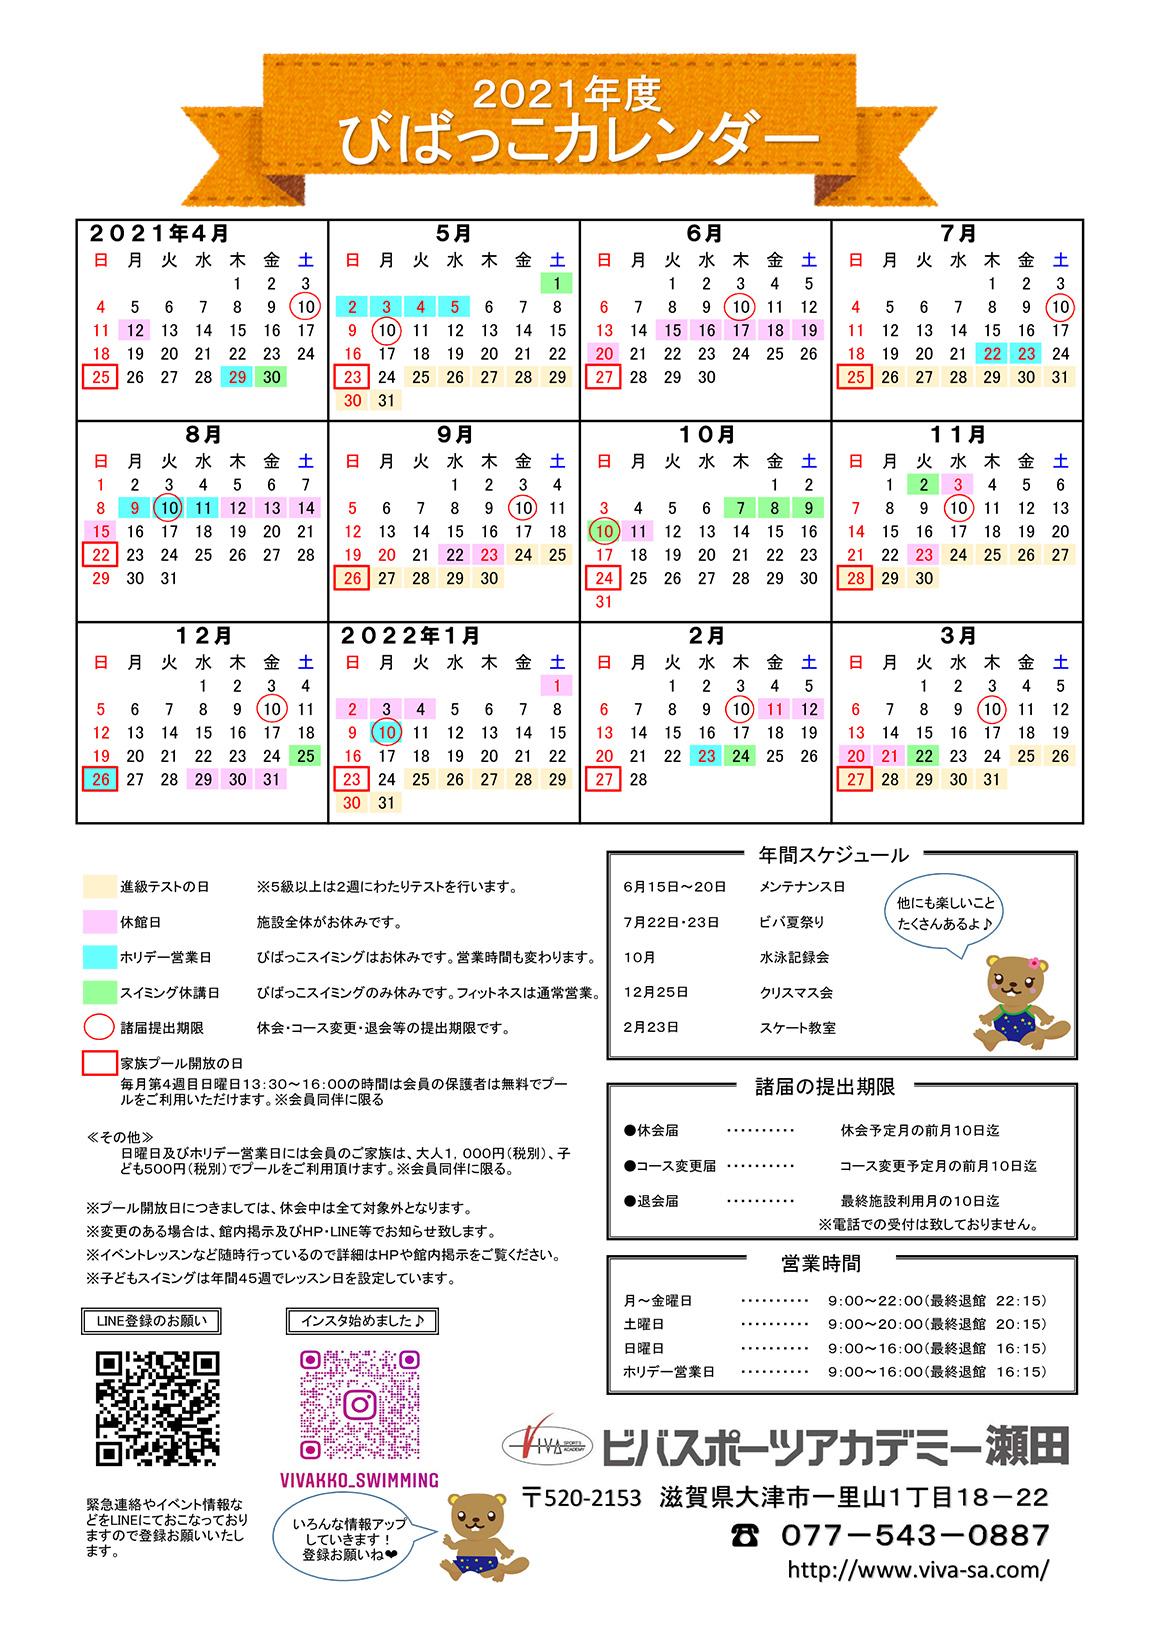 ビバスポーツアカデミー瀬田 年間カレンダー